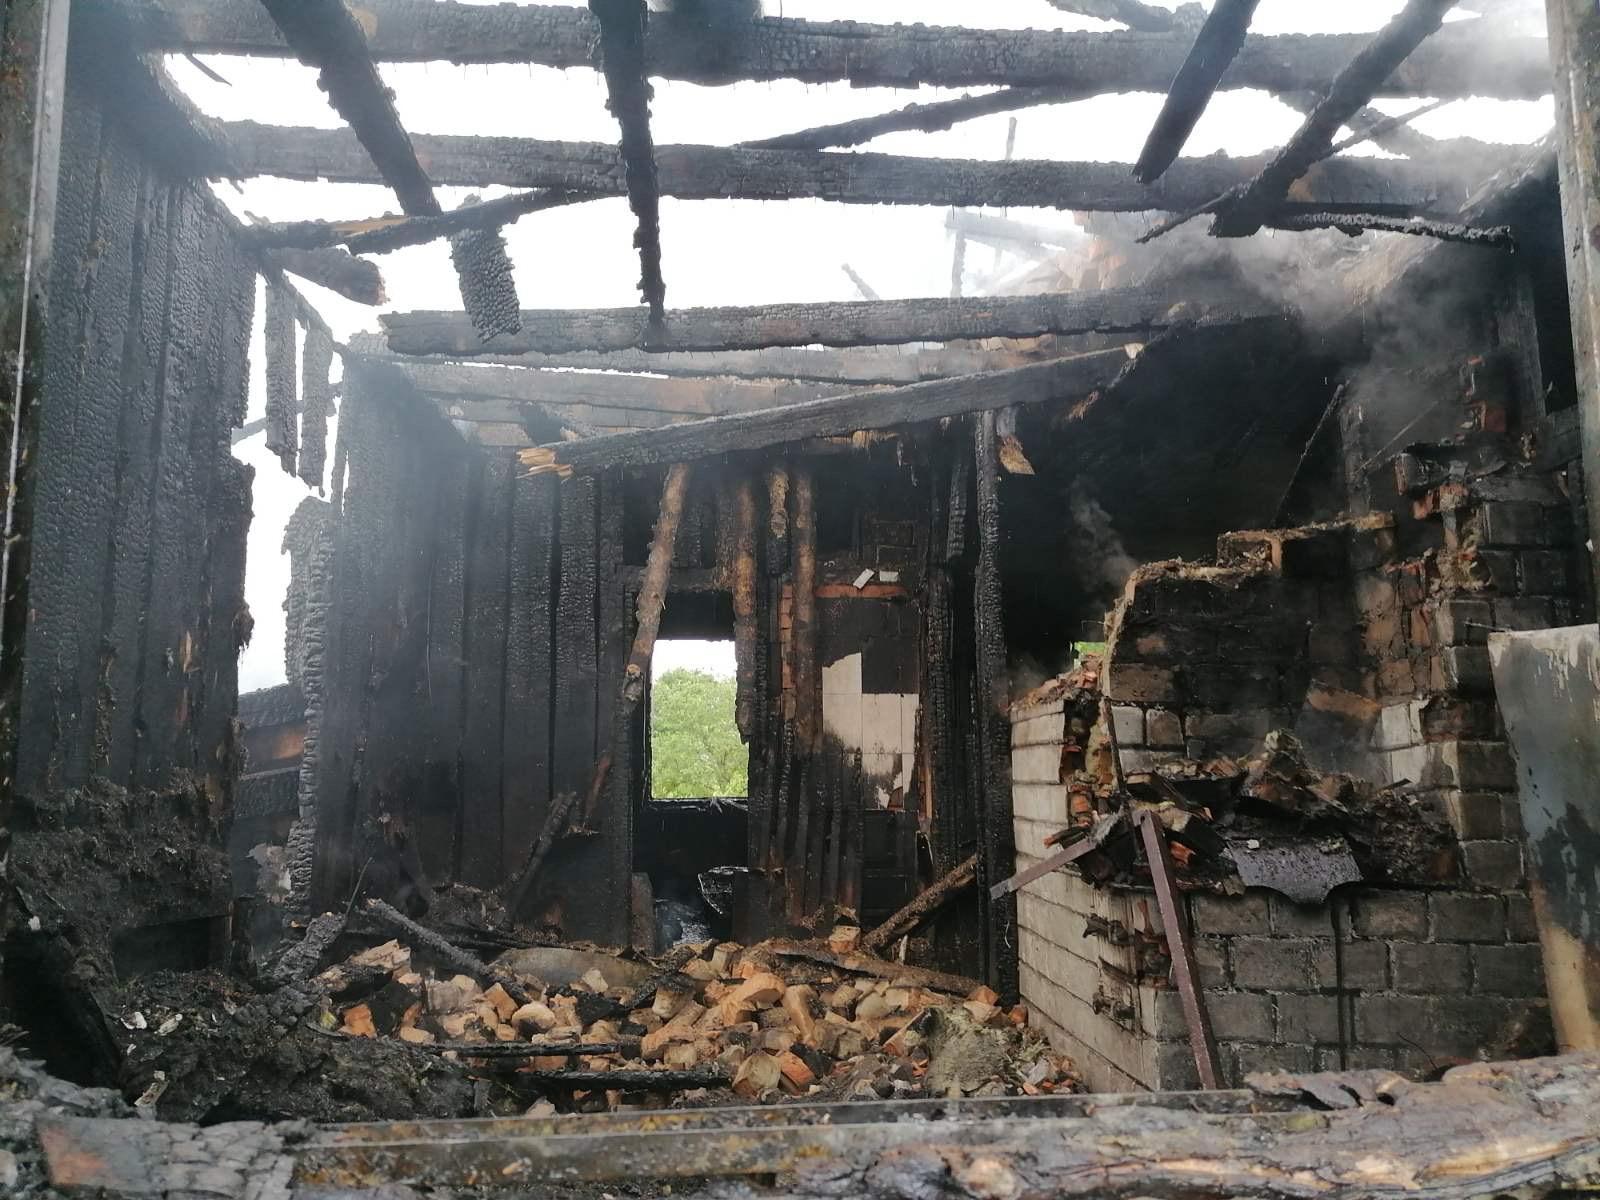 В Заречке сгорел частный дом: огонь уничтожил все имущество жильцов